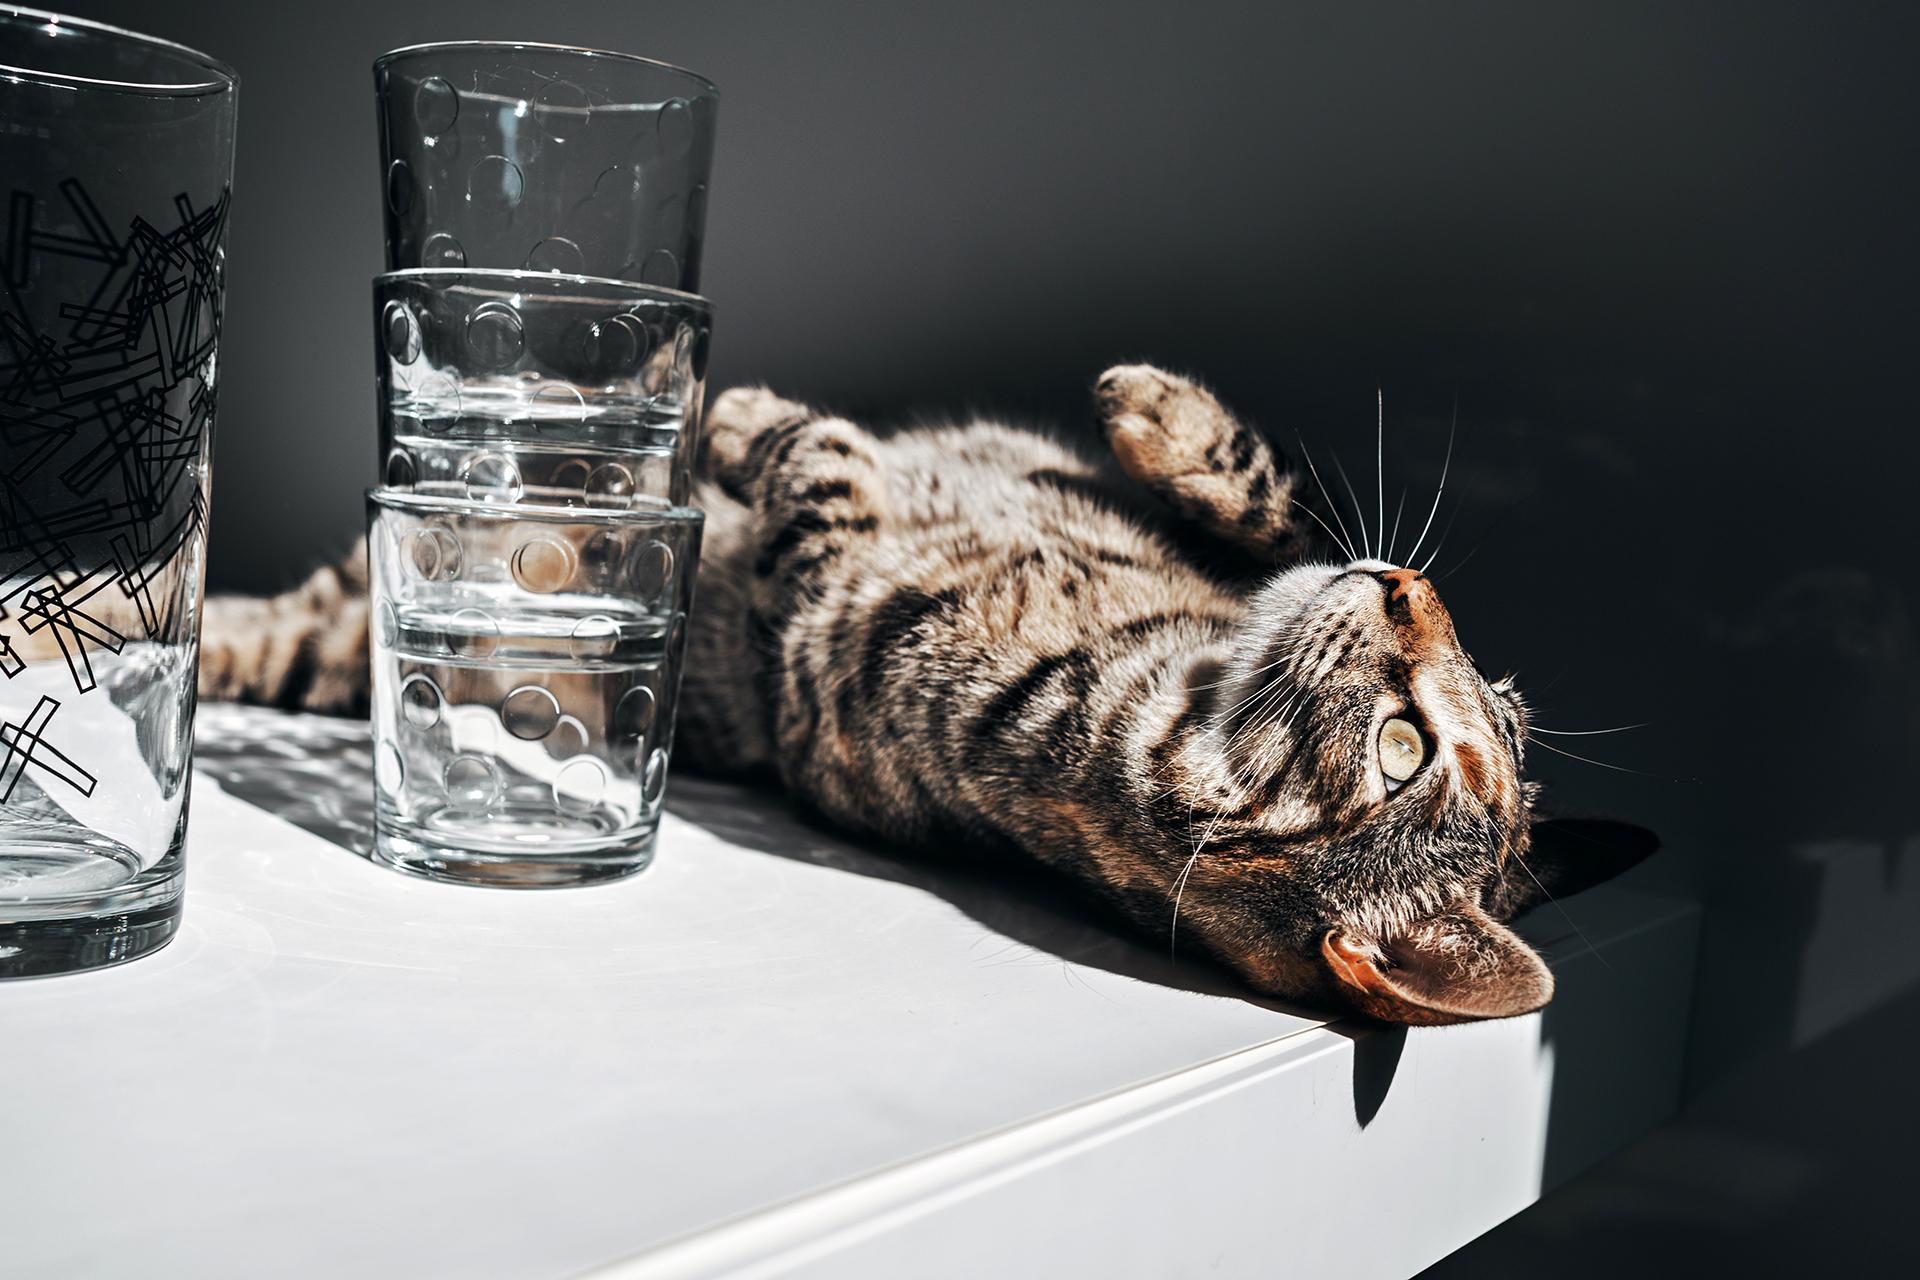 Ob mit oder ohne Katze: Universalgläser erleichtern den Überblick